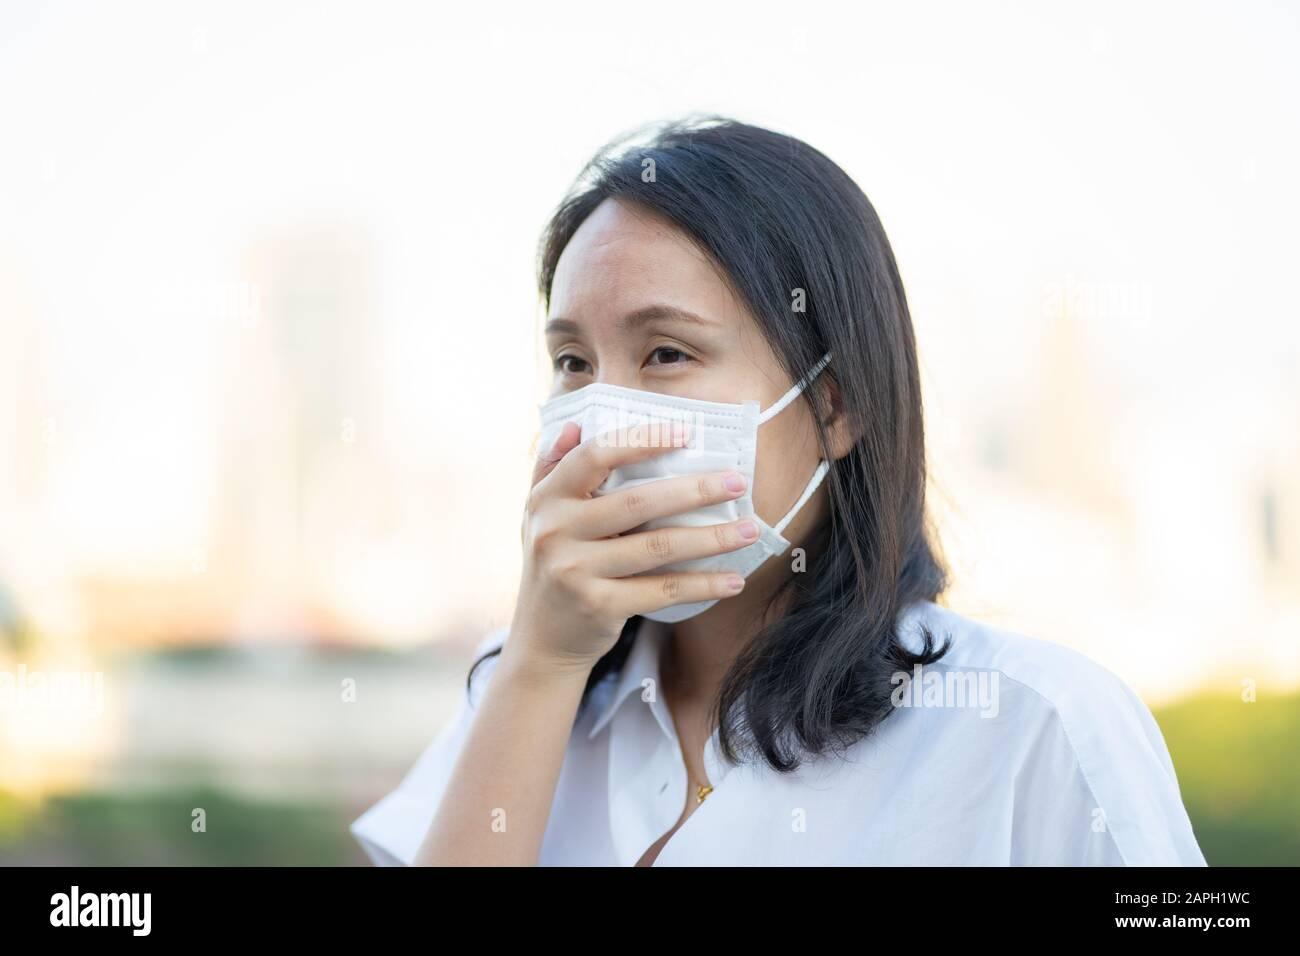 maske gegen viren n95